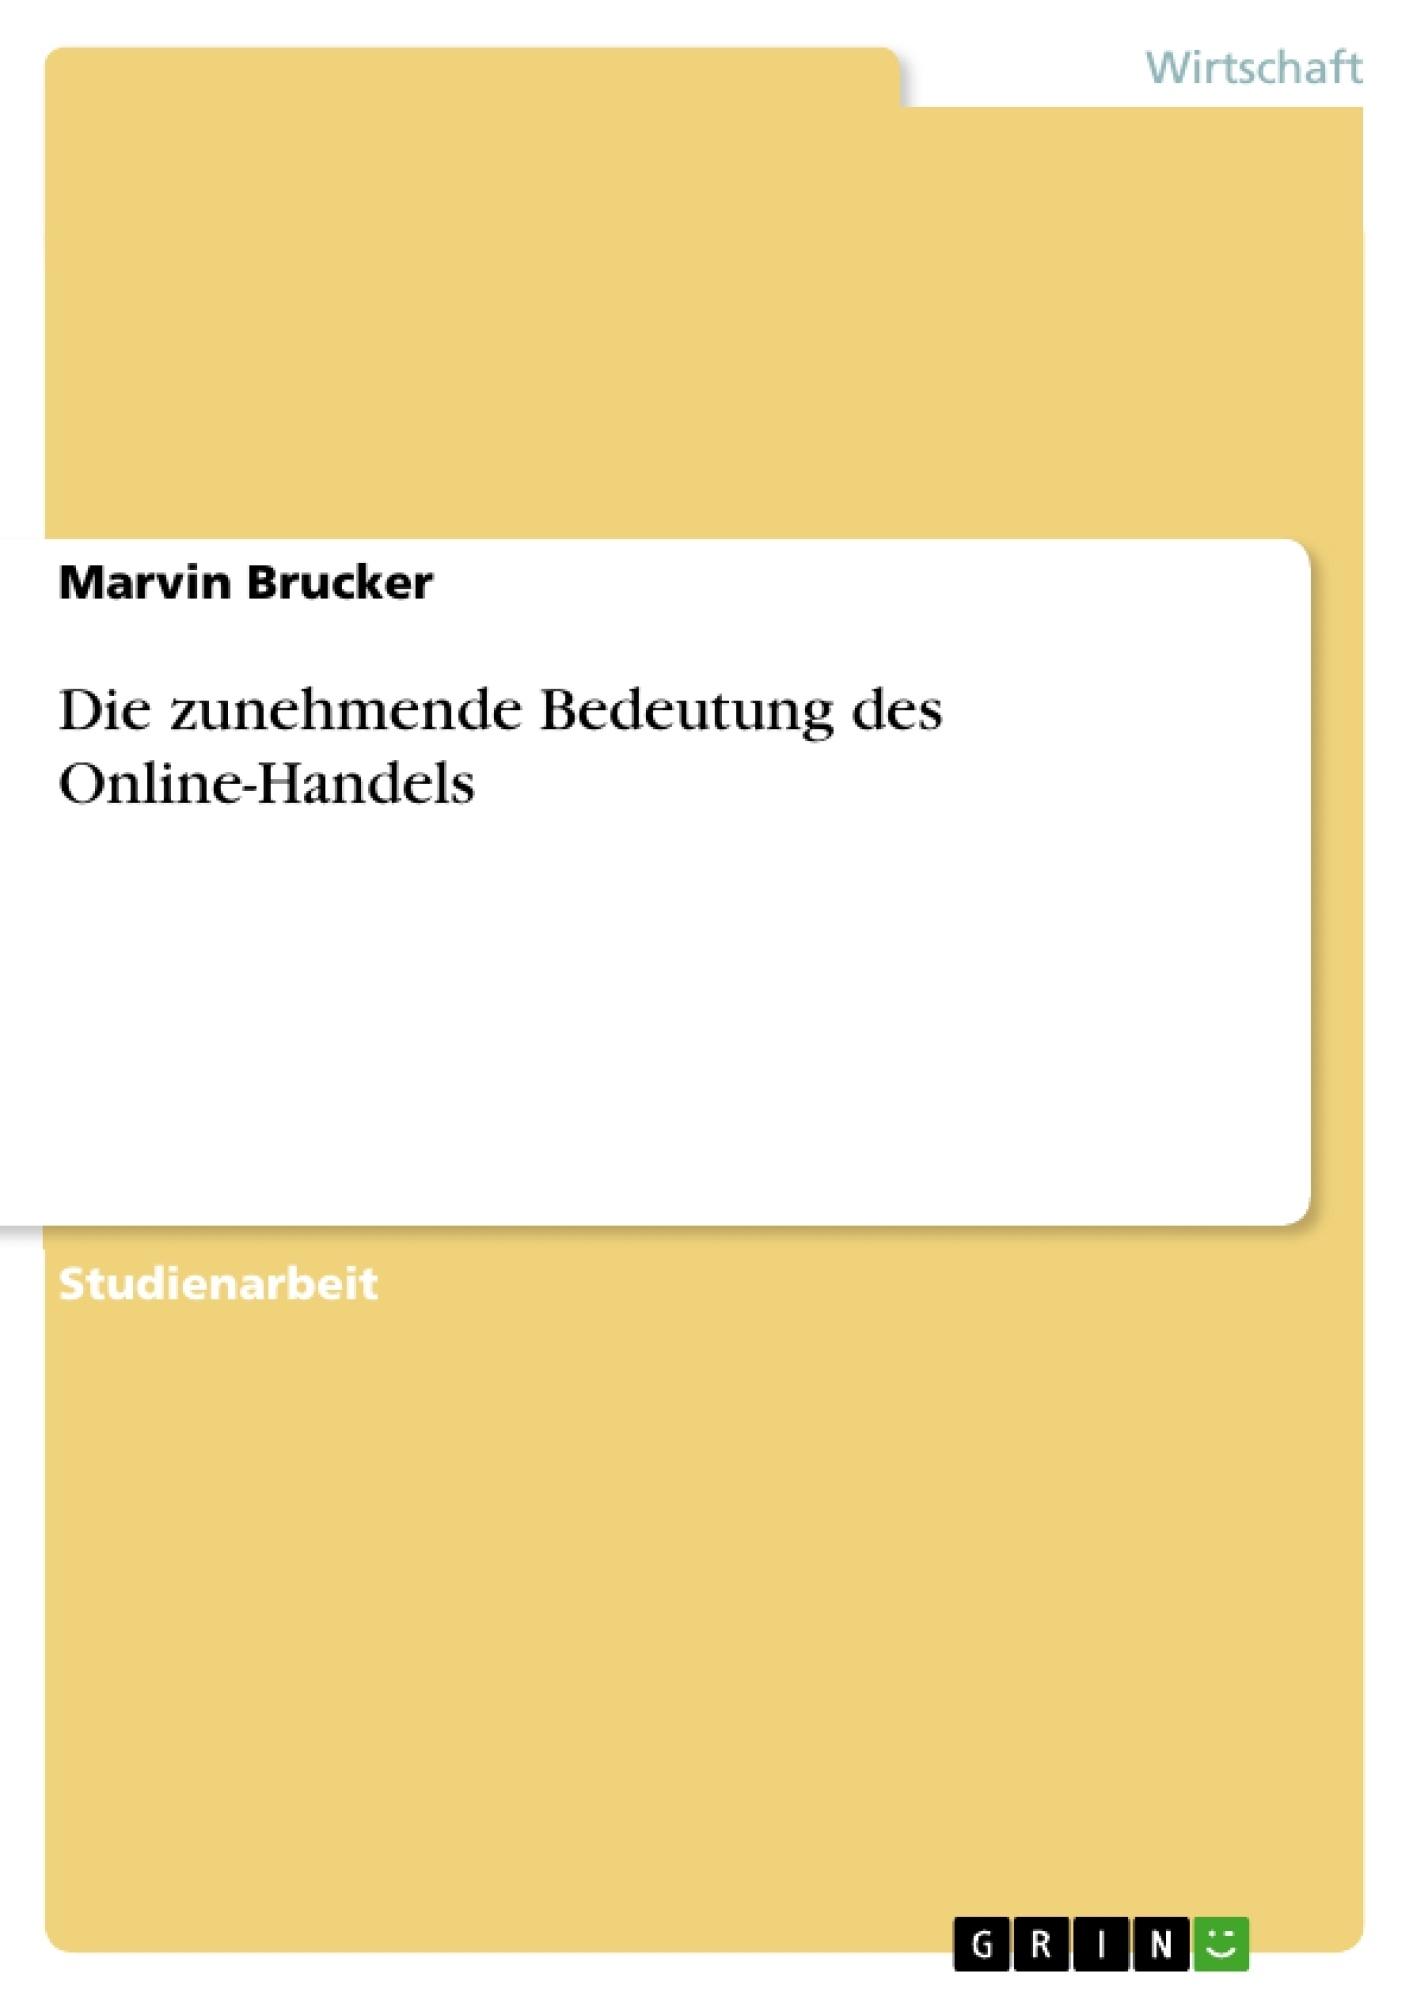 A. Kommentare und Lehrbücher. Urheberrecht, Entwicklungen njus, Stämpfli Verlag AG, Bern Kommentar zum Markenschutzgesetz, Wappenschutzgesetz (Basler Kommentar).